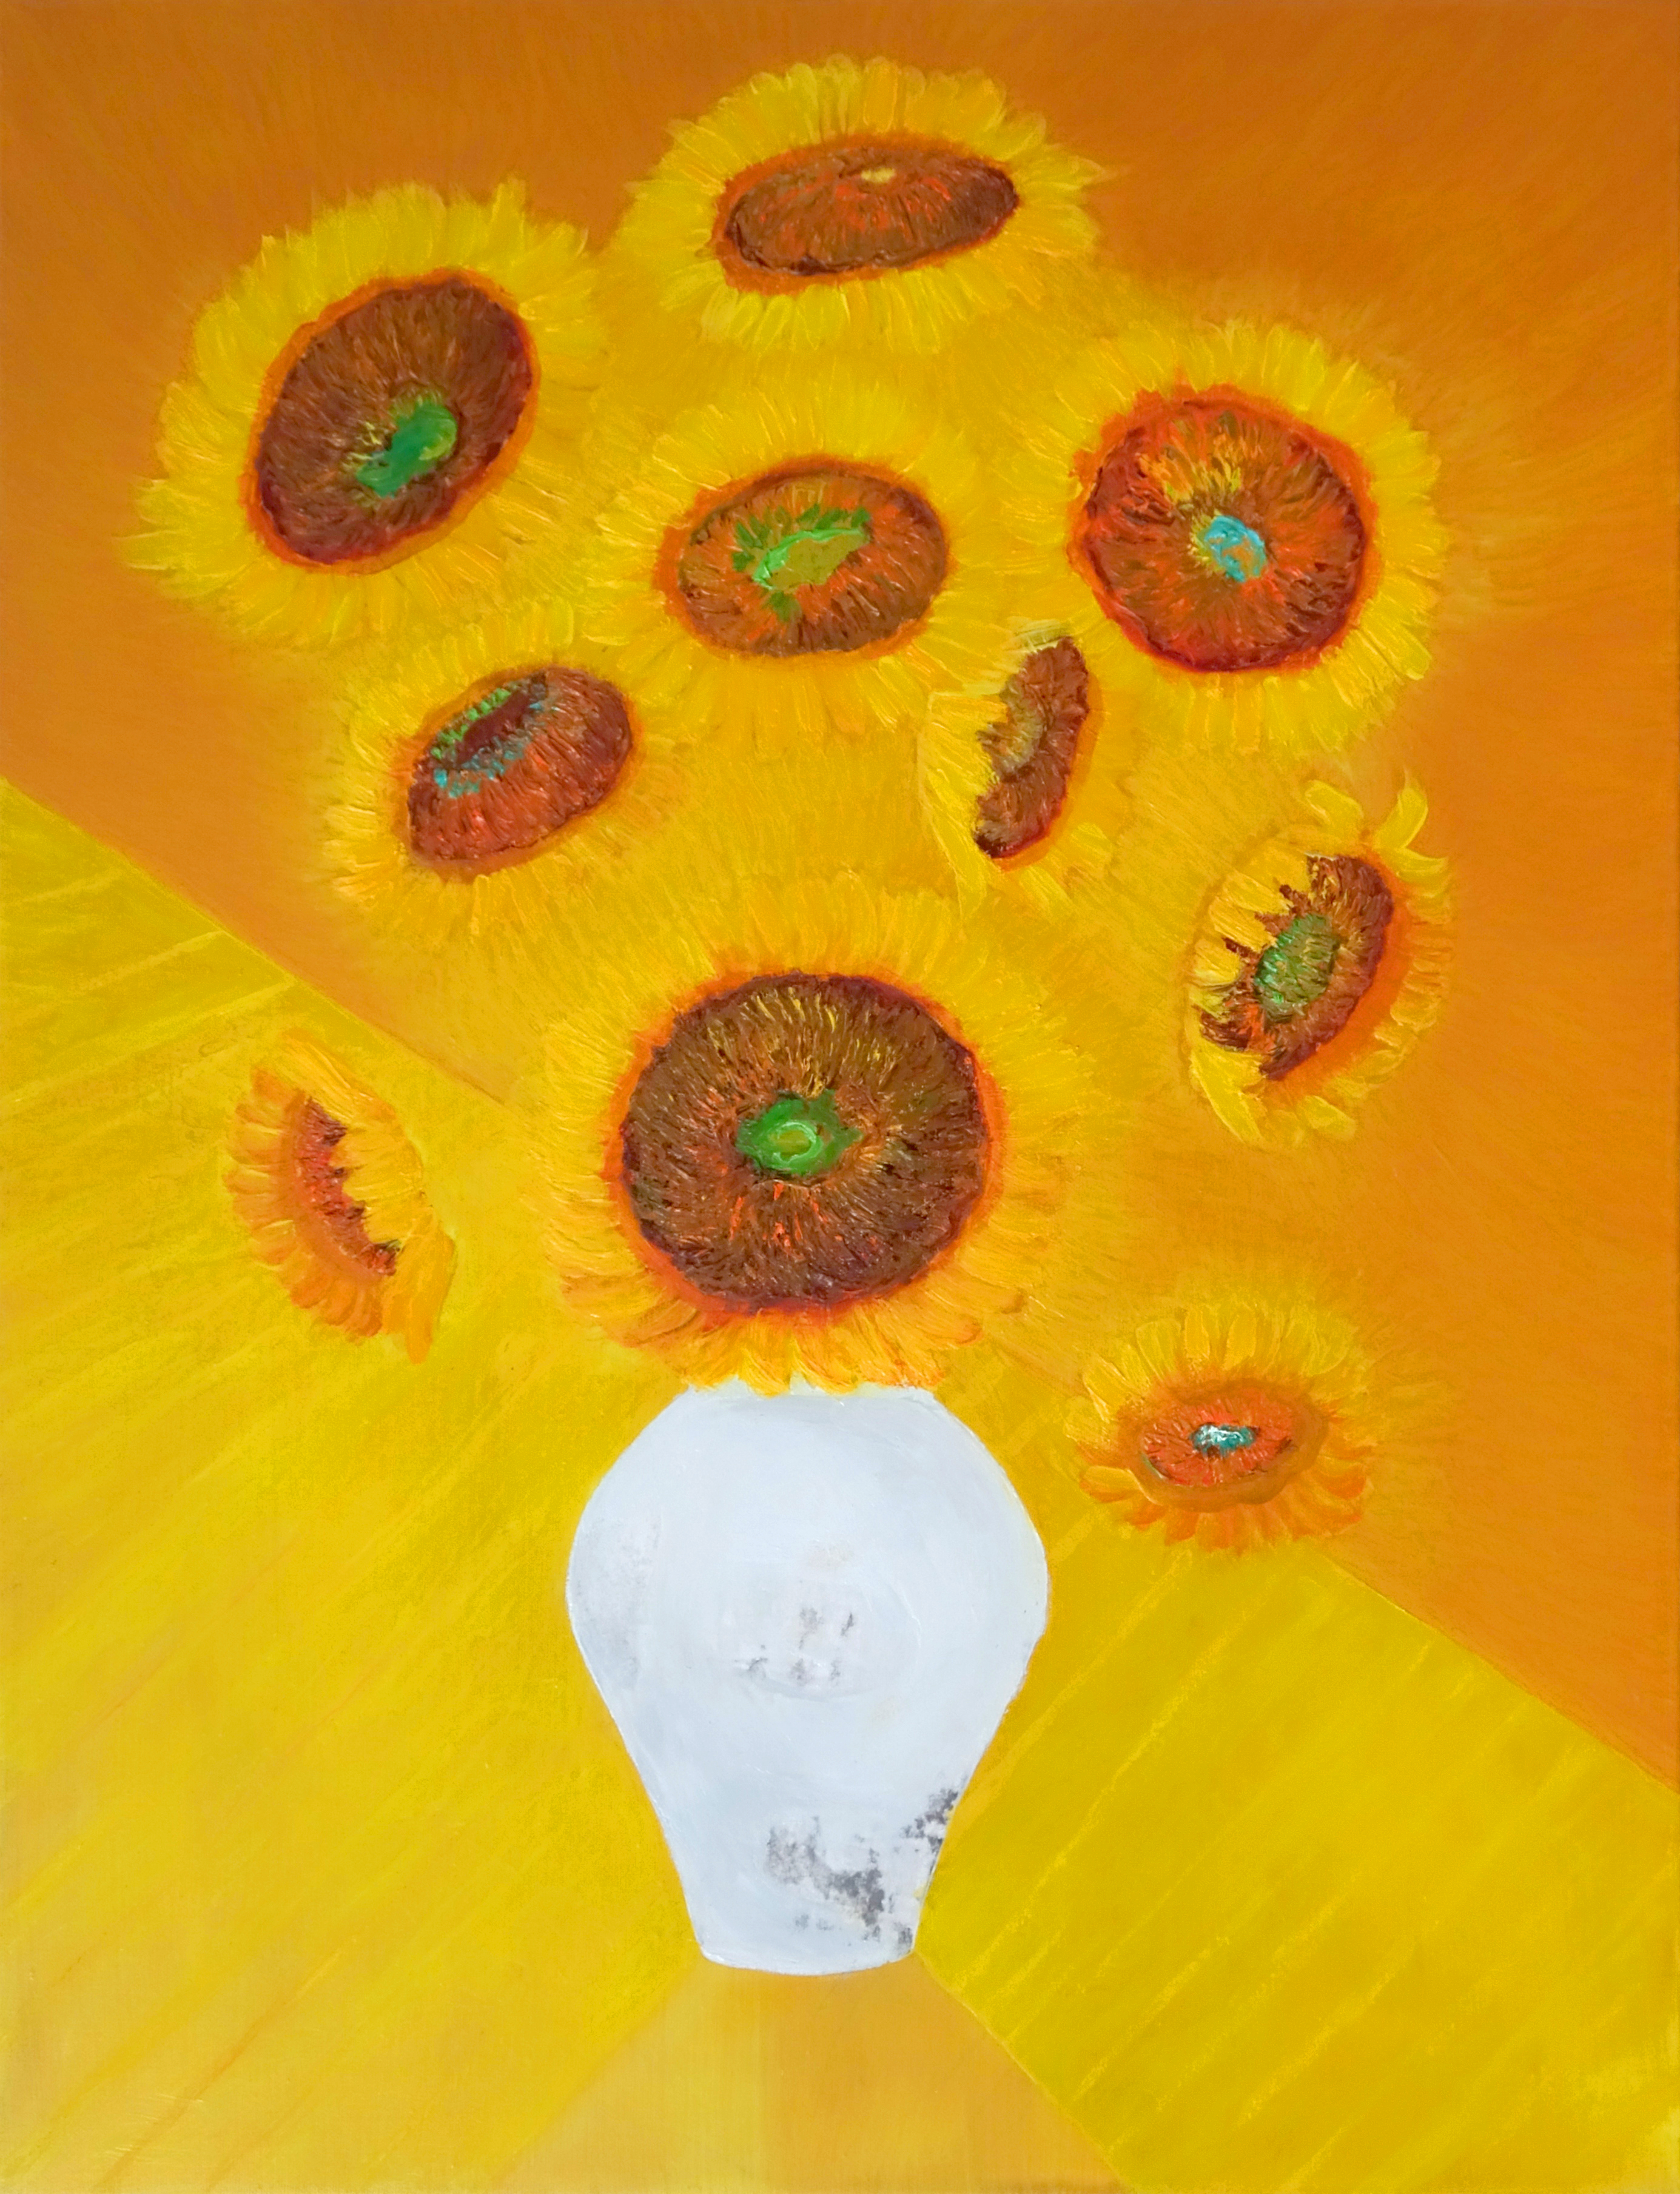 민해정수2, 해바라기, 53 x 65 cm, oil on canvas,